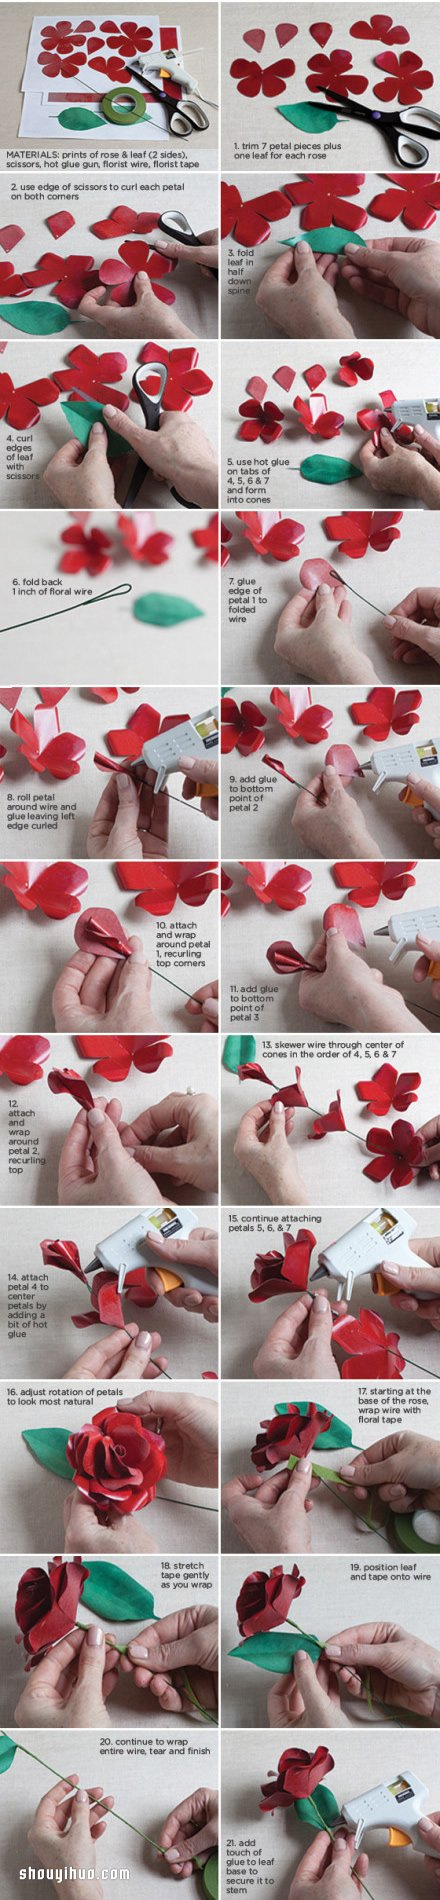 剪紙紅玫瑰的製作方法 帶詳細圖解步驟